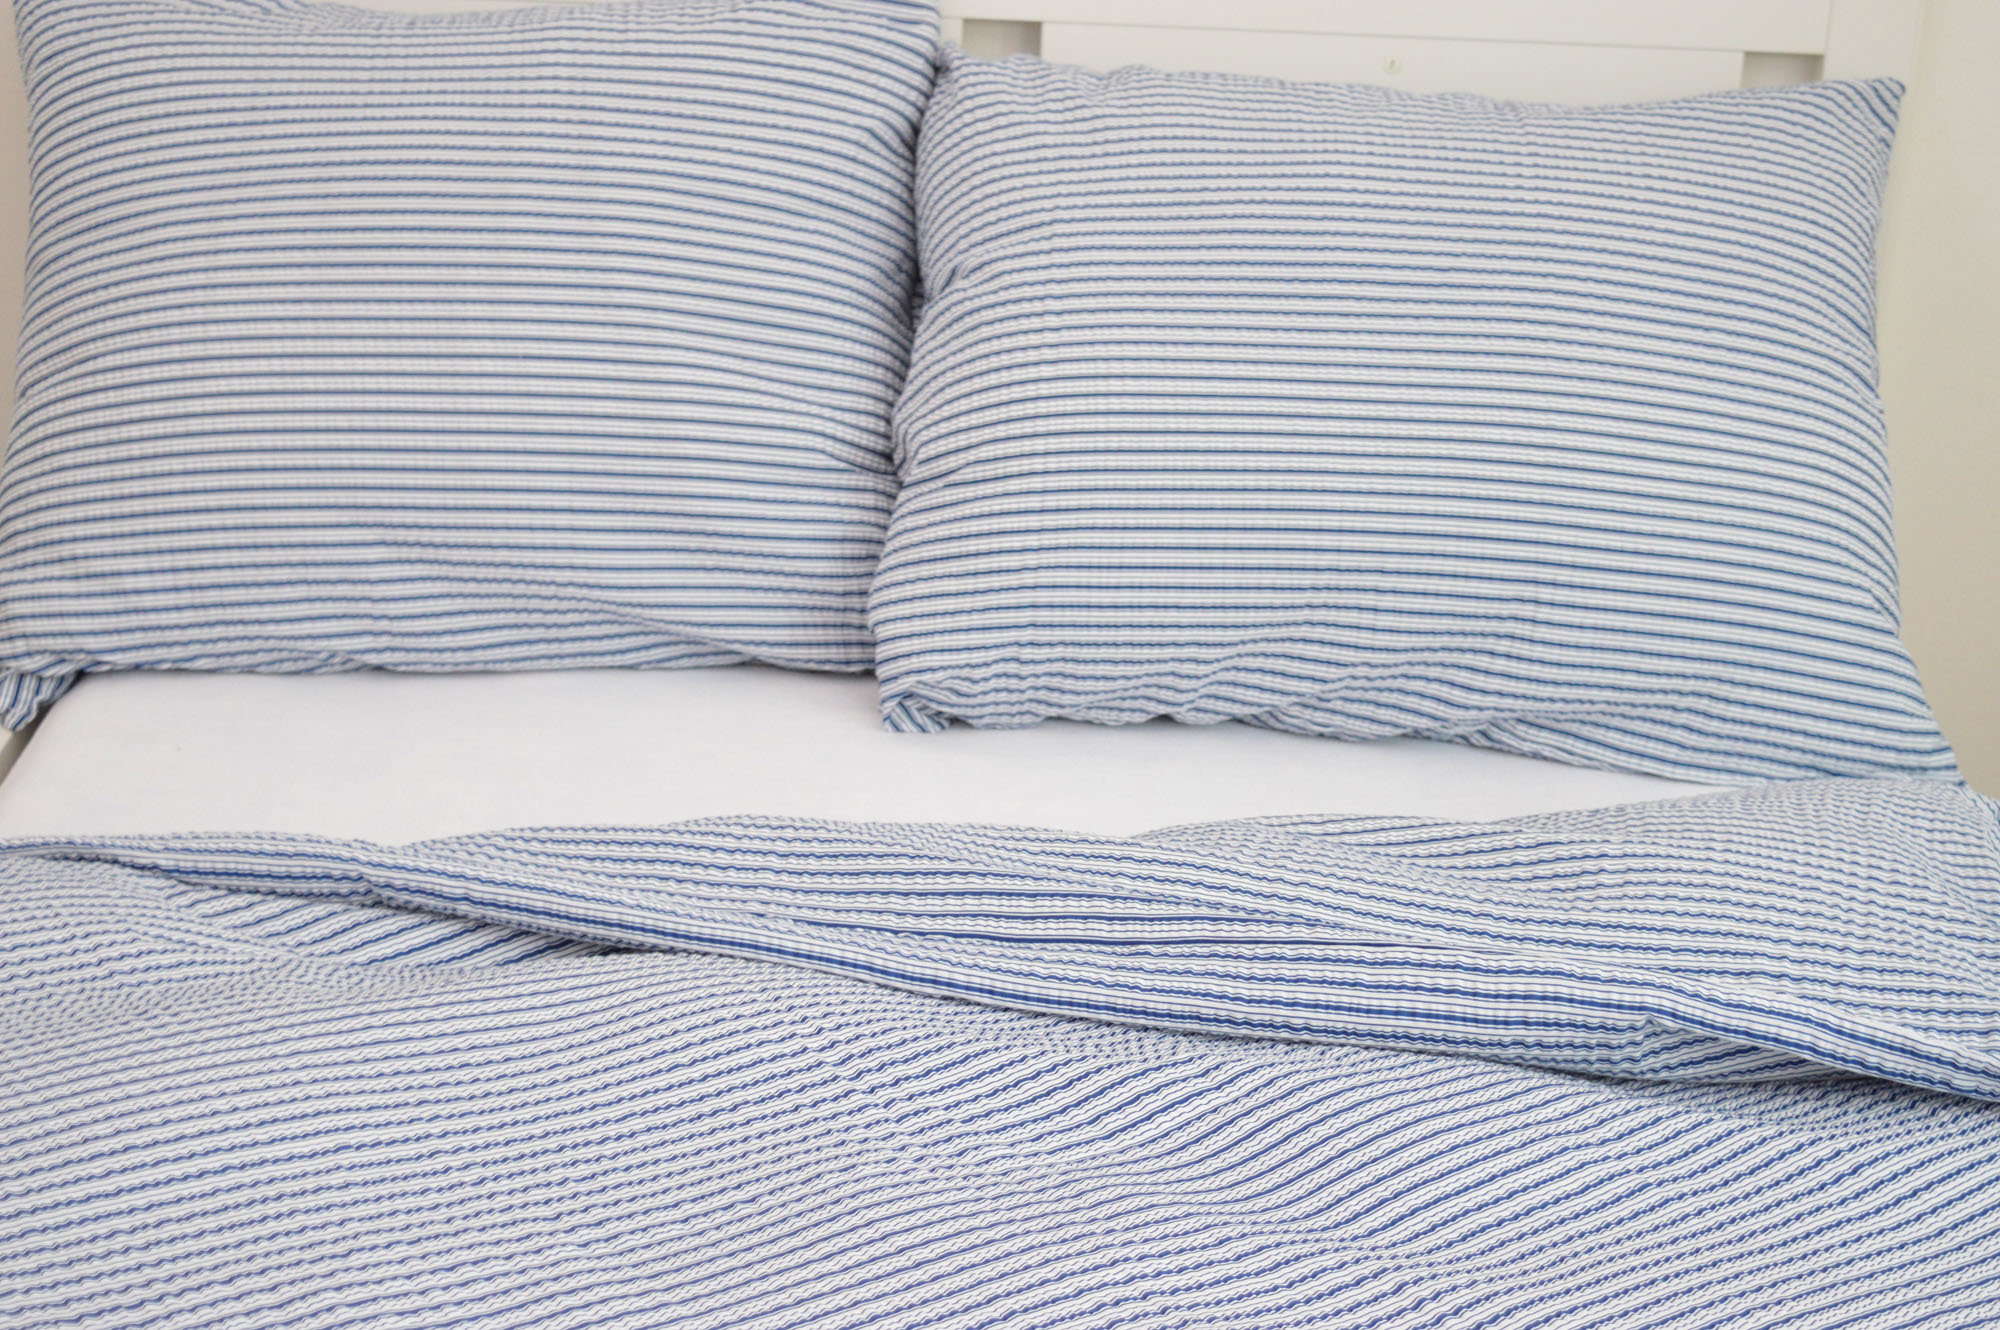 Krepový povlak na polštář  40x40 - Jemné proužky modré